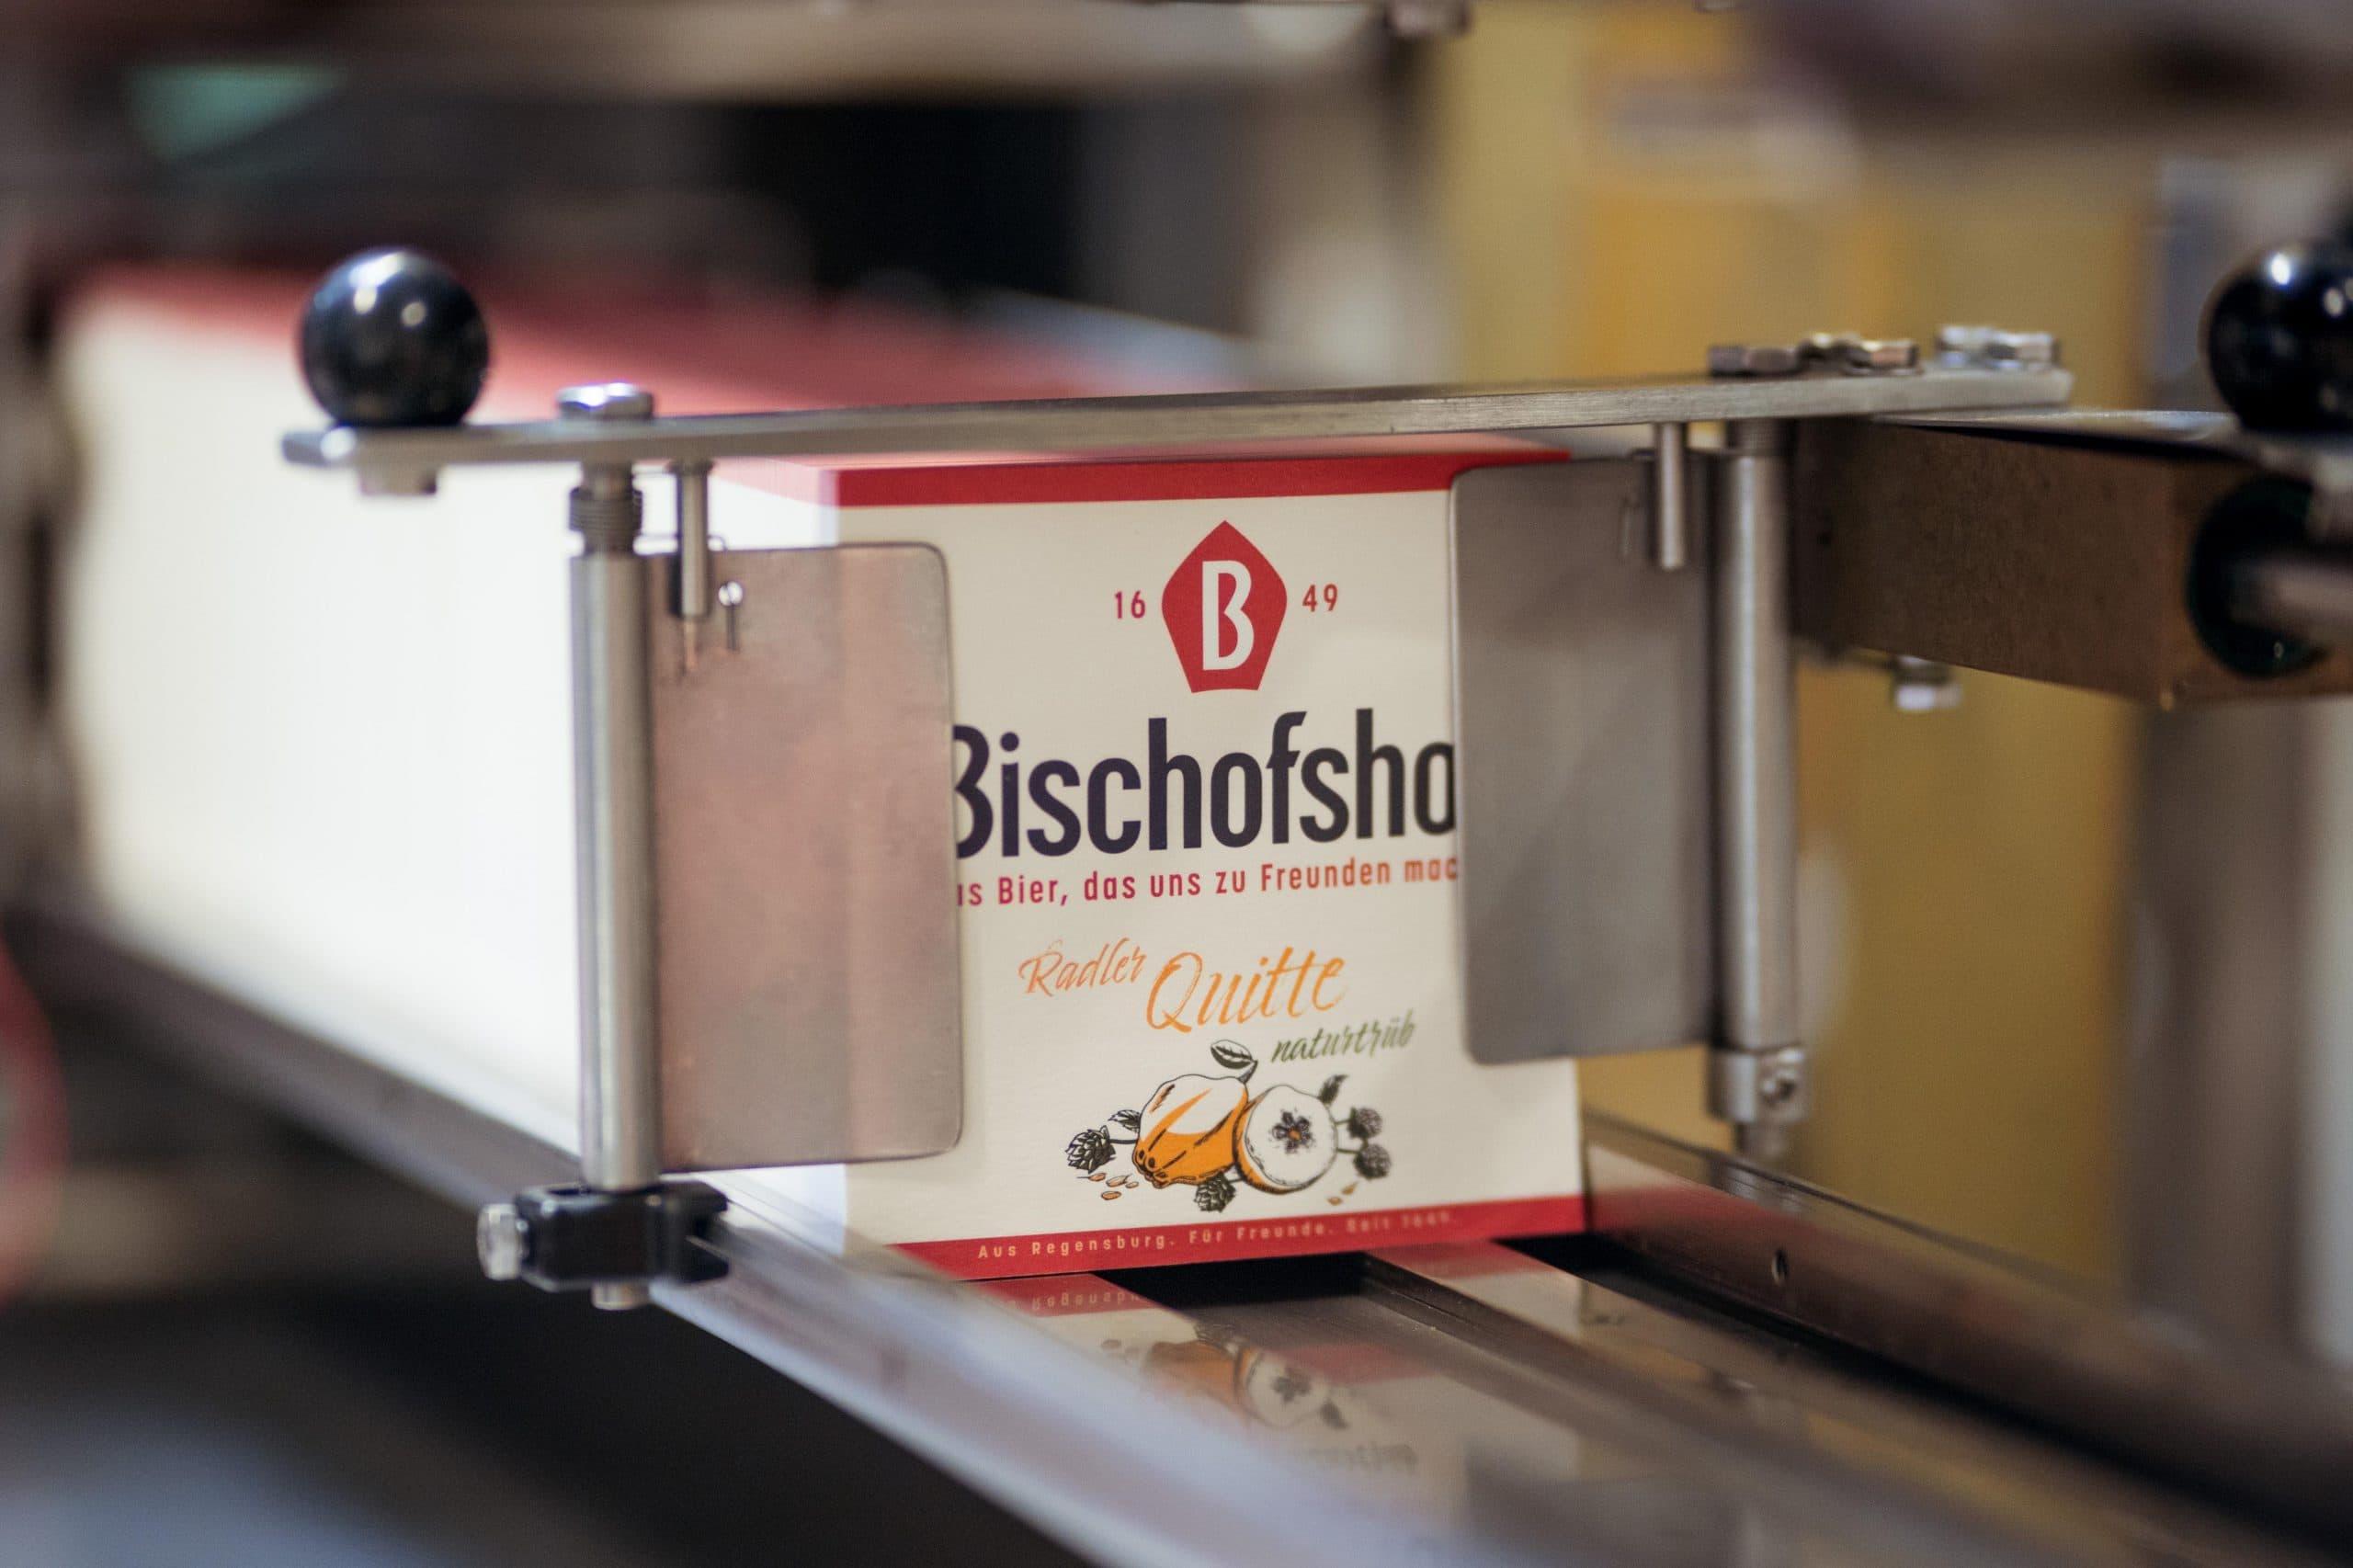 Regensburger Brauerei Bischofshof präsentiert neues Quitten-Radler Sommerlicher, fruchtig-frischer Vorbote für den Aufbruch in eine neue Ära